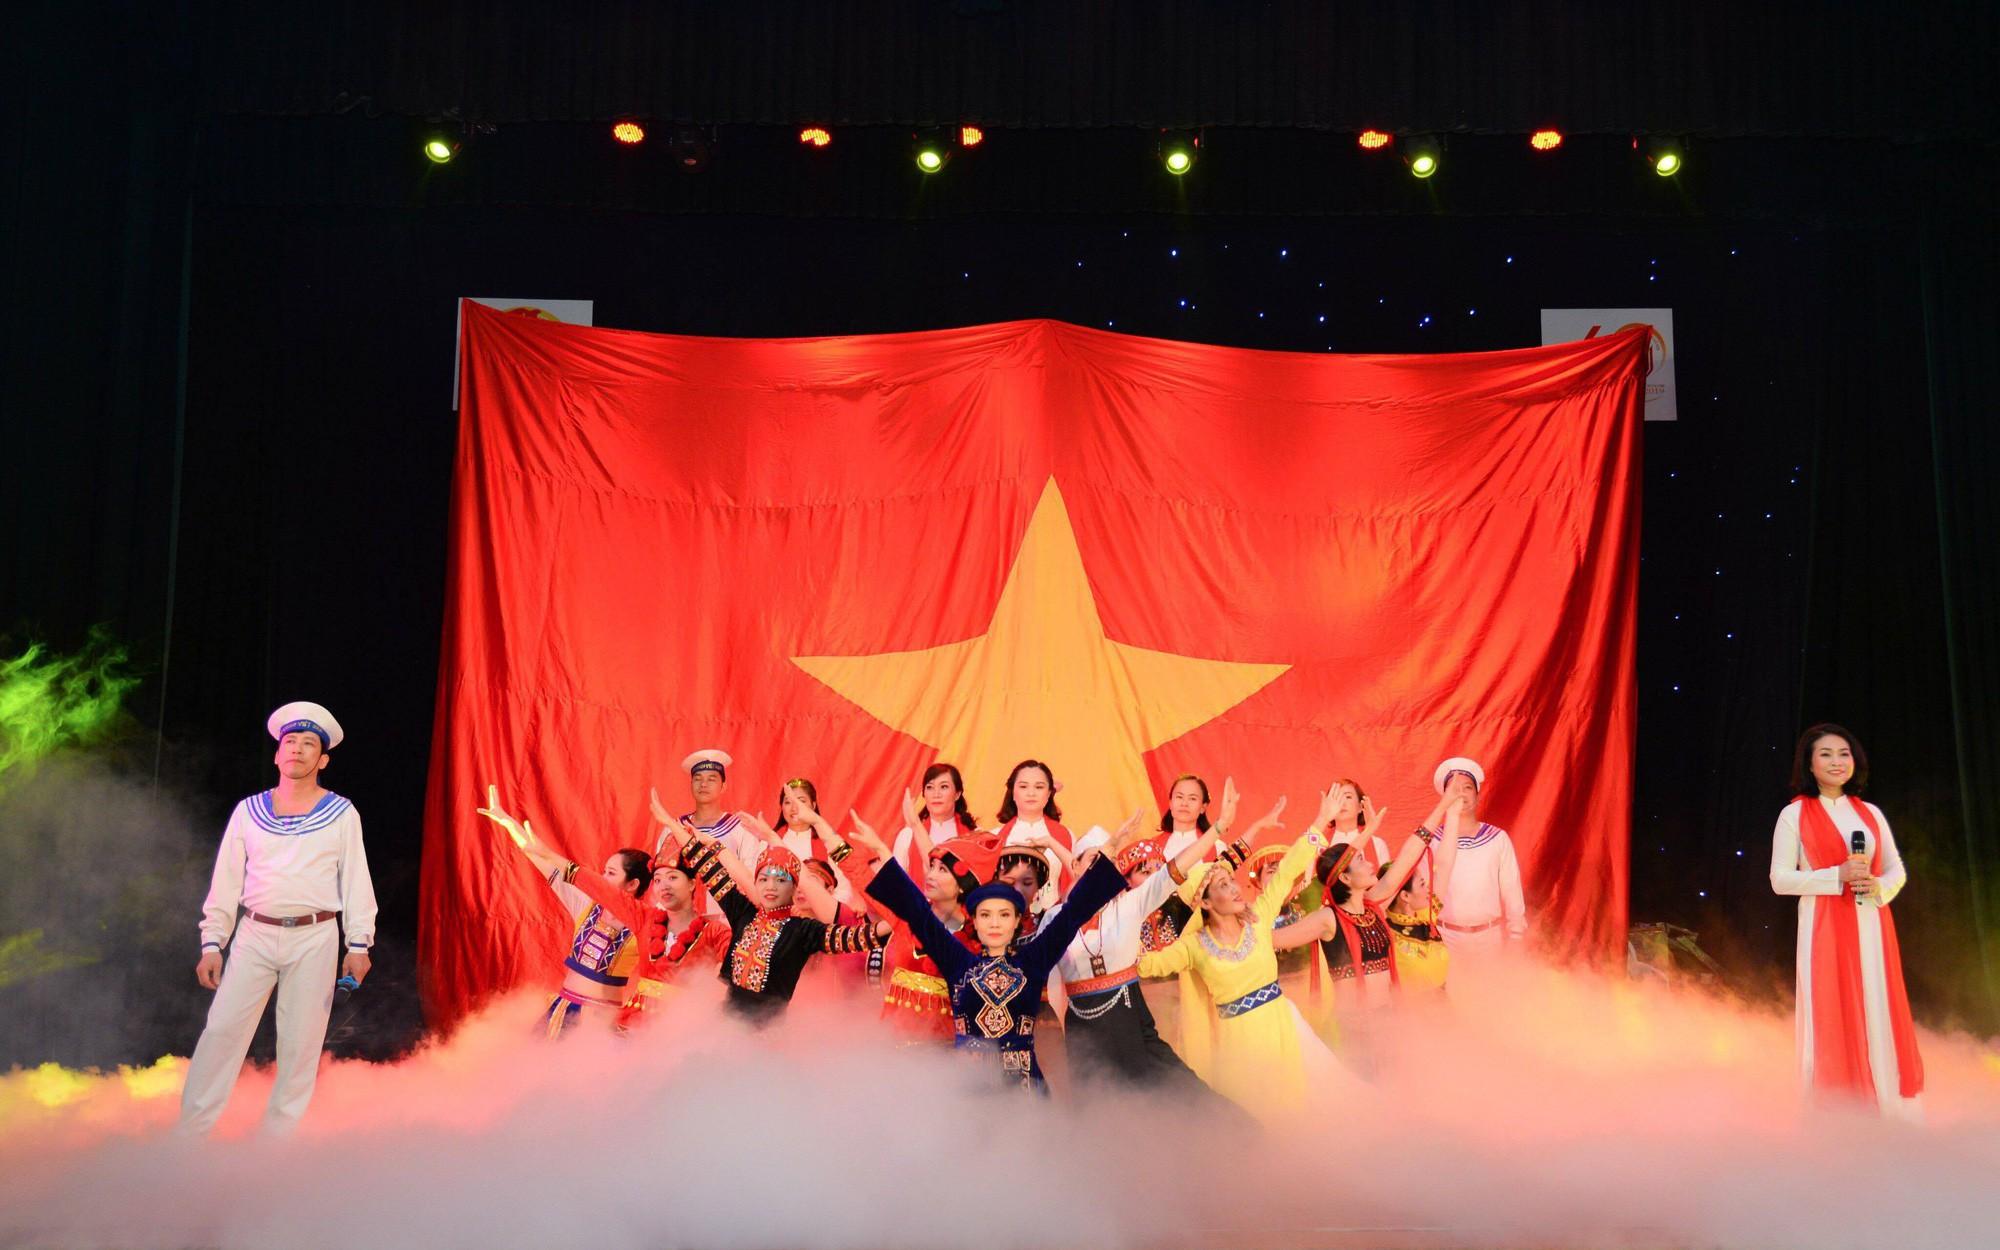 Đặc sắc Liên hoan văn nghệ chào mừng 60 năm thành lập Trường Đại học Văn hóa Hà Nội